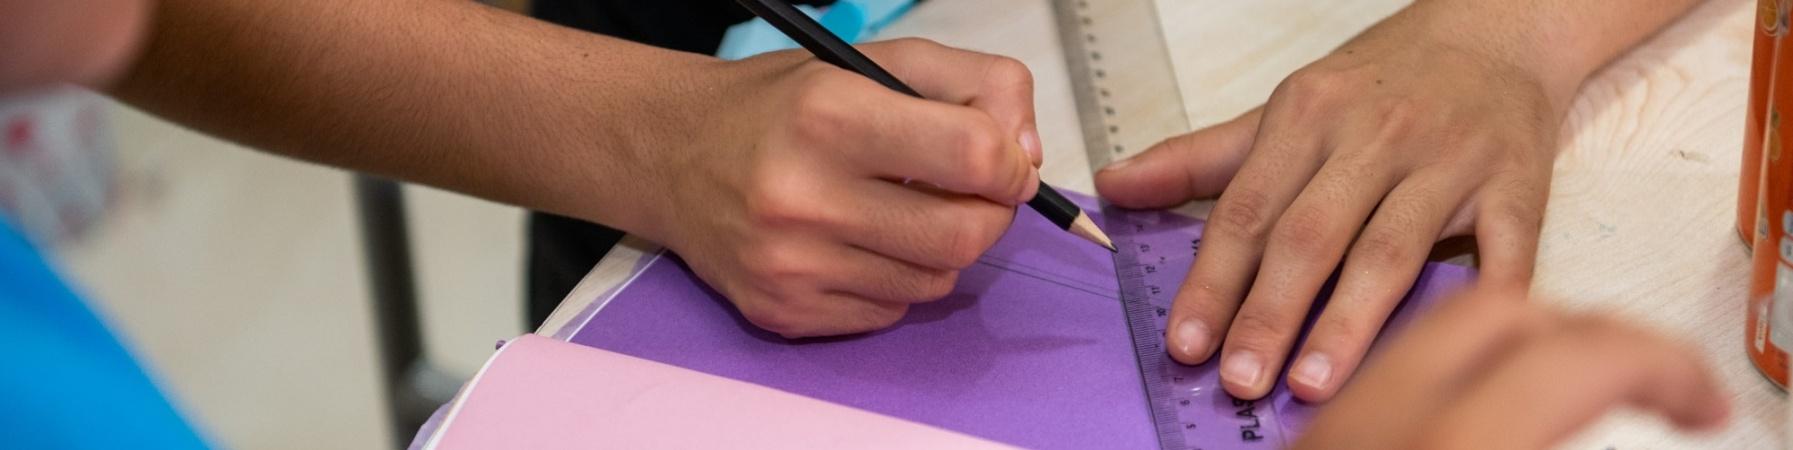 4 mani di bambini che disegnano con righello e matita su fogli